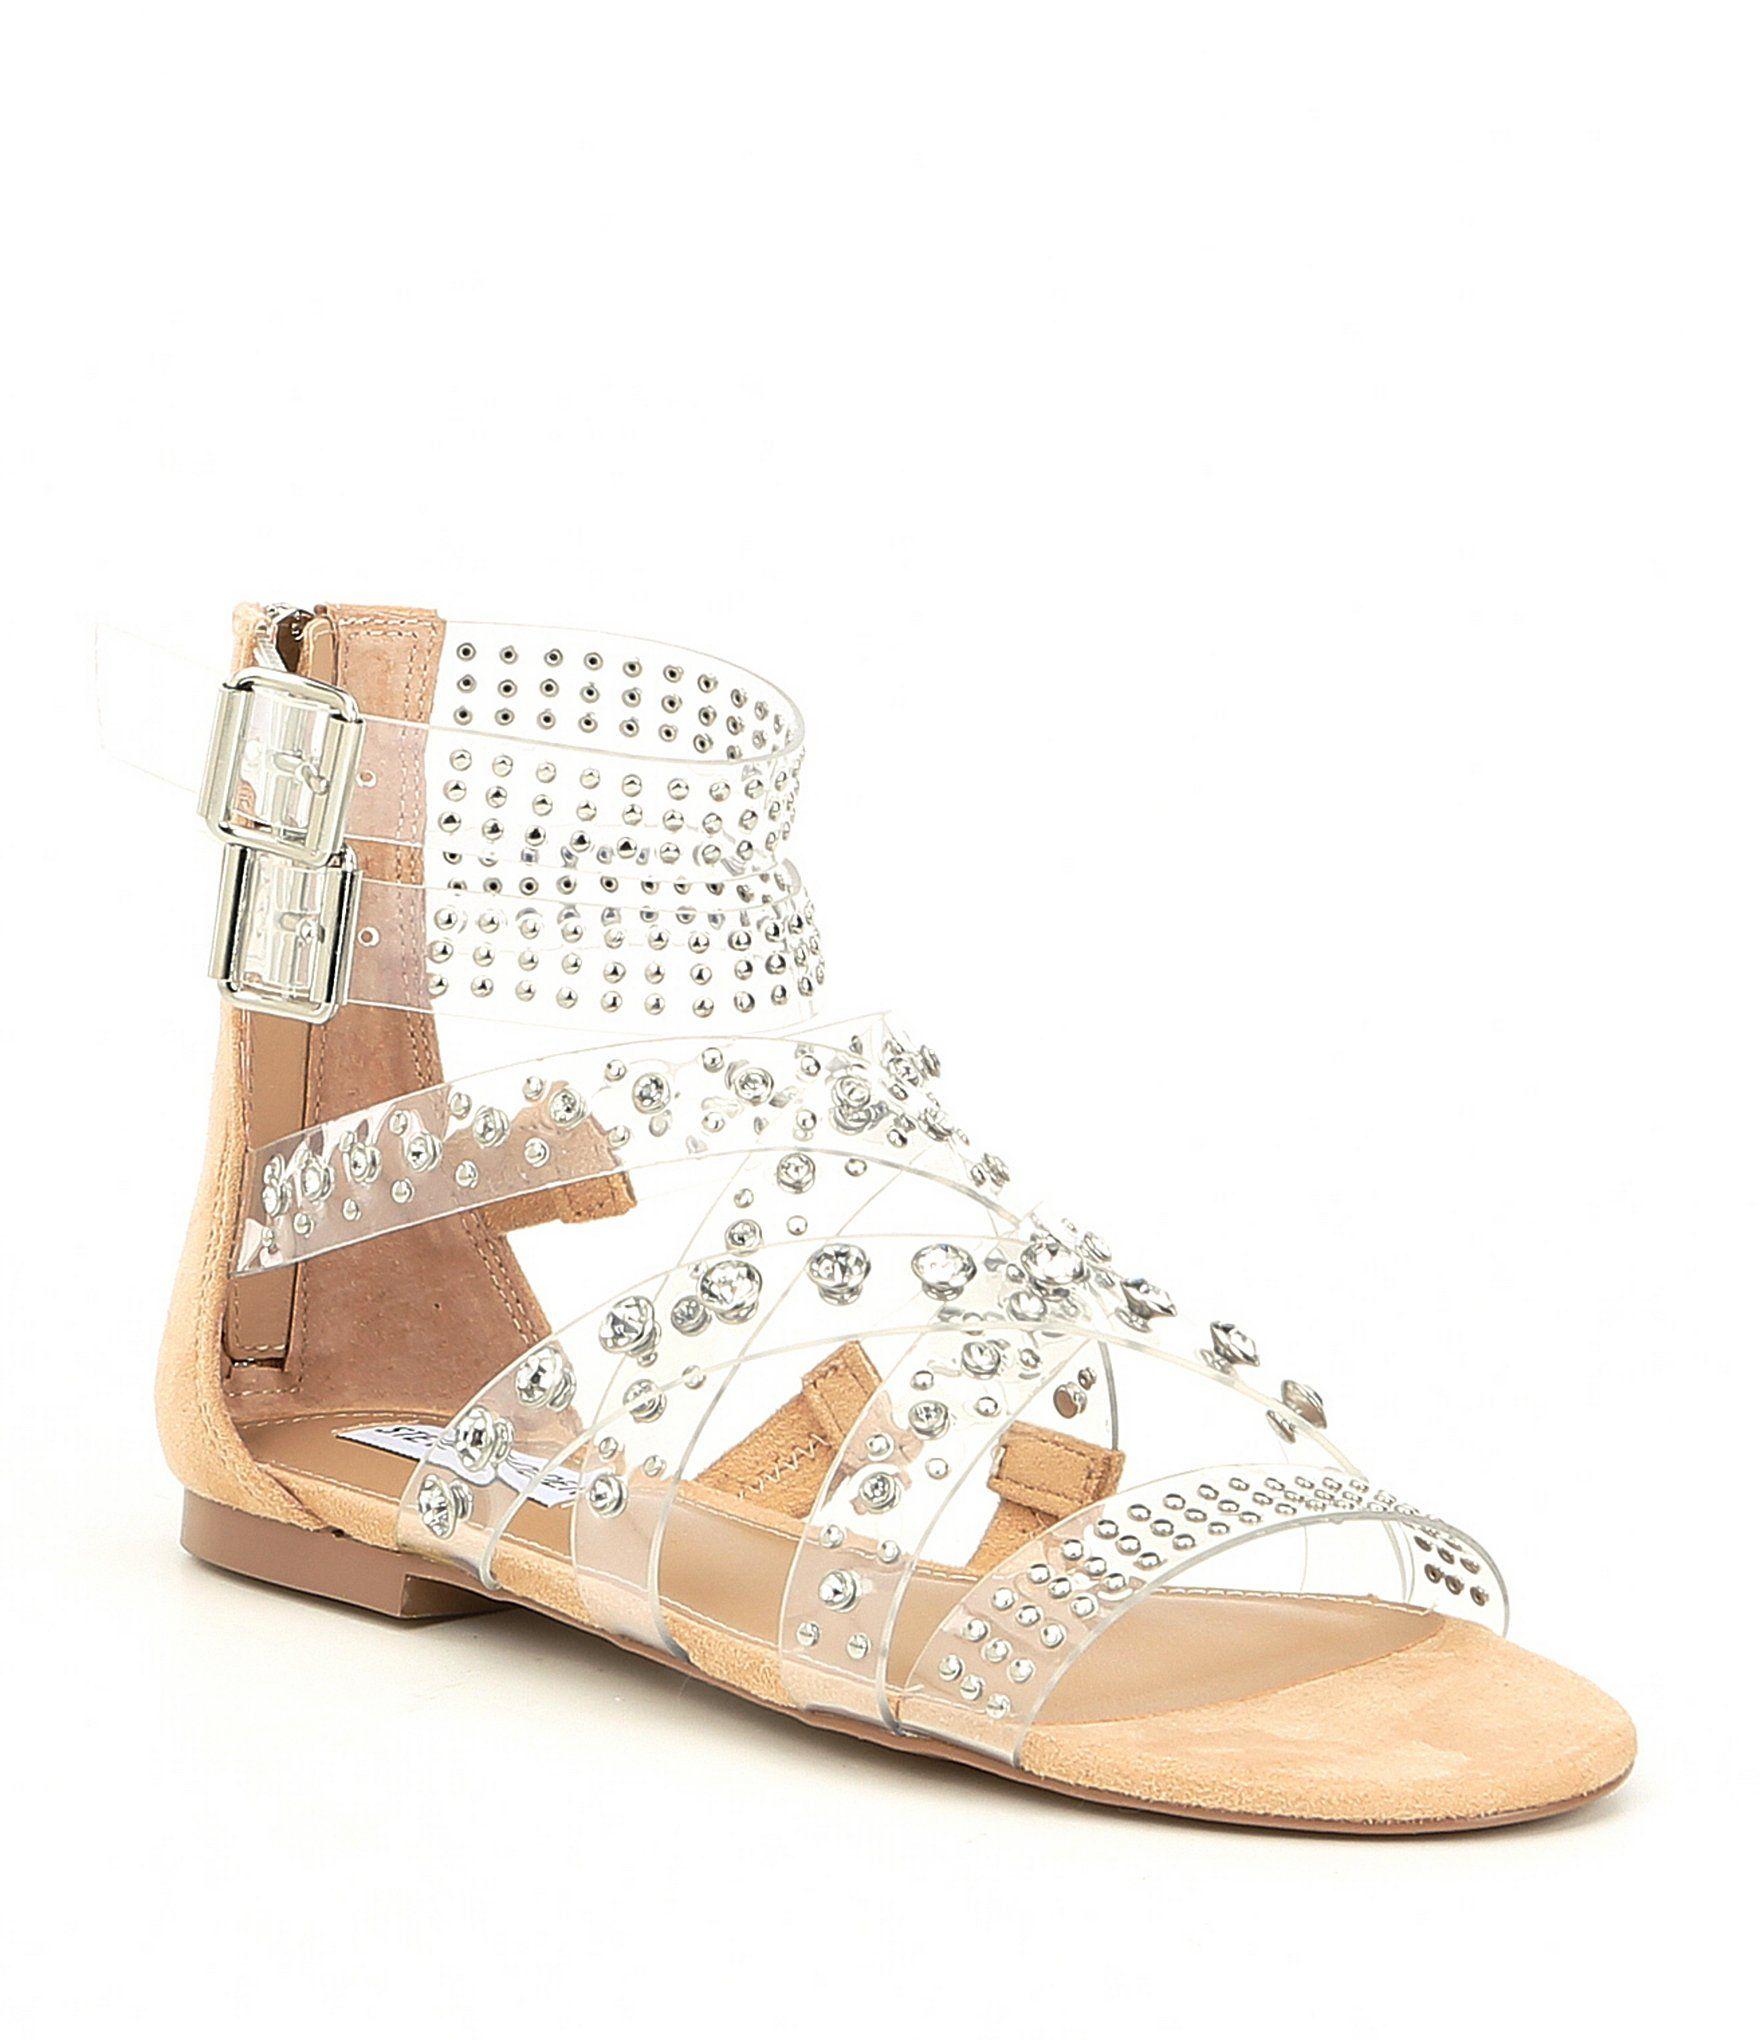 d64a2ea1de5 Shop for Steve Madden Shift Gladiator Studded Sandals at Dillards ...